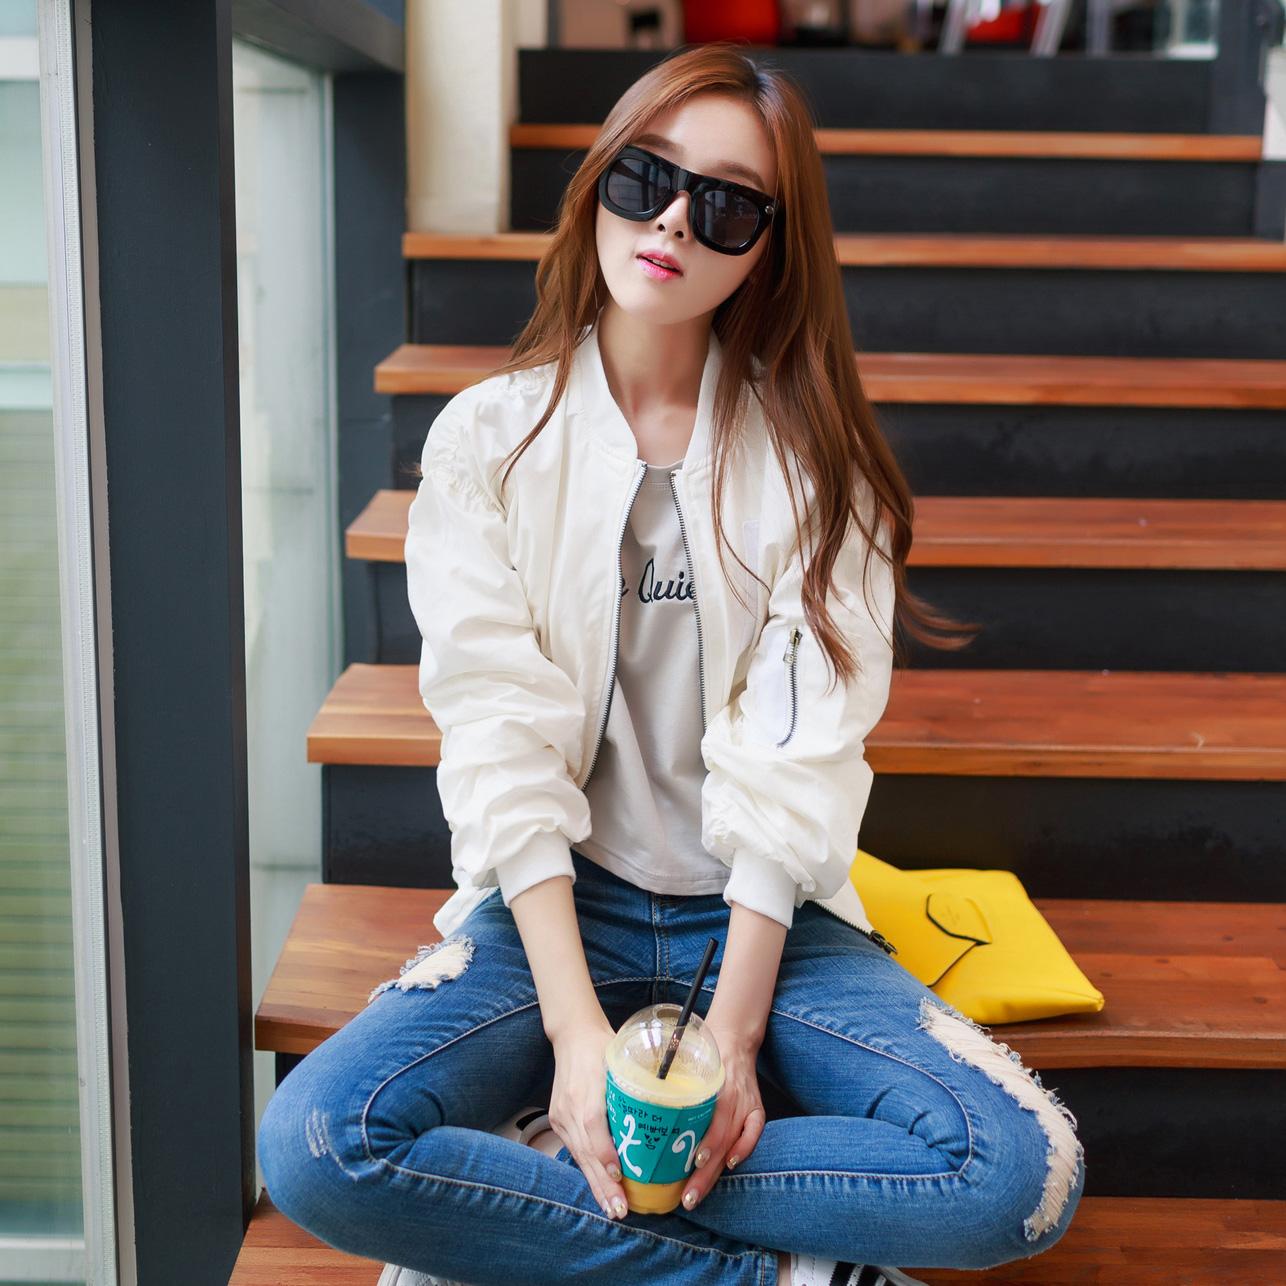 Korean spring and autumn jacket loose cotton long sleeve Baseball Jacket short jacket leisure sports jacket round neck womens fashion